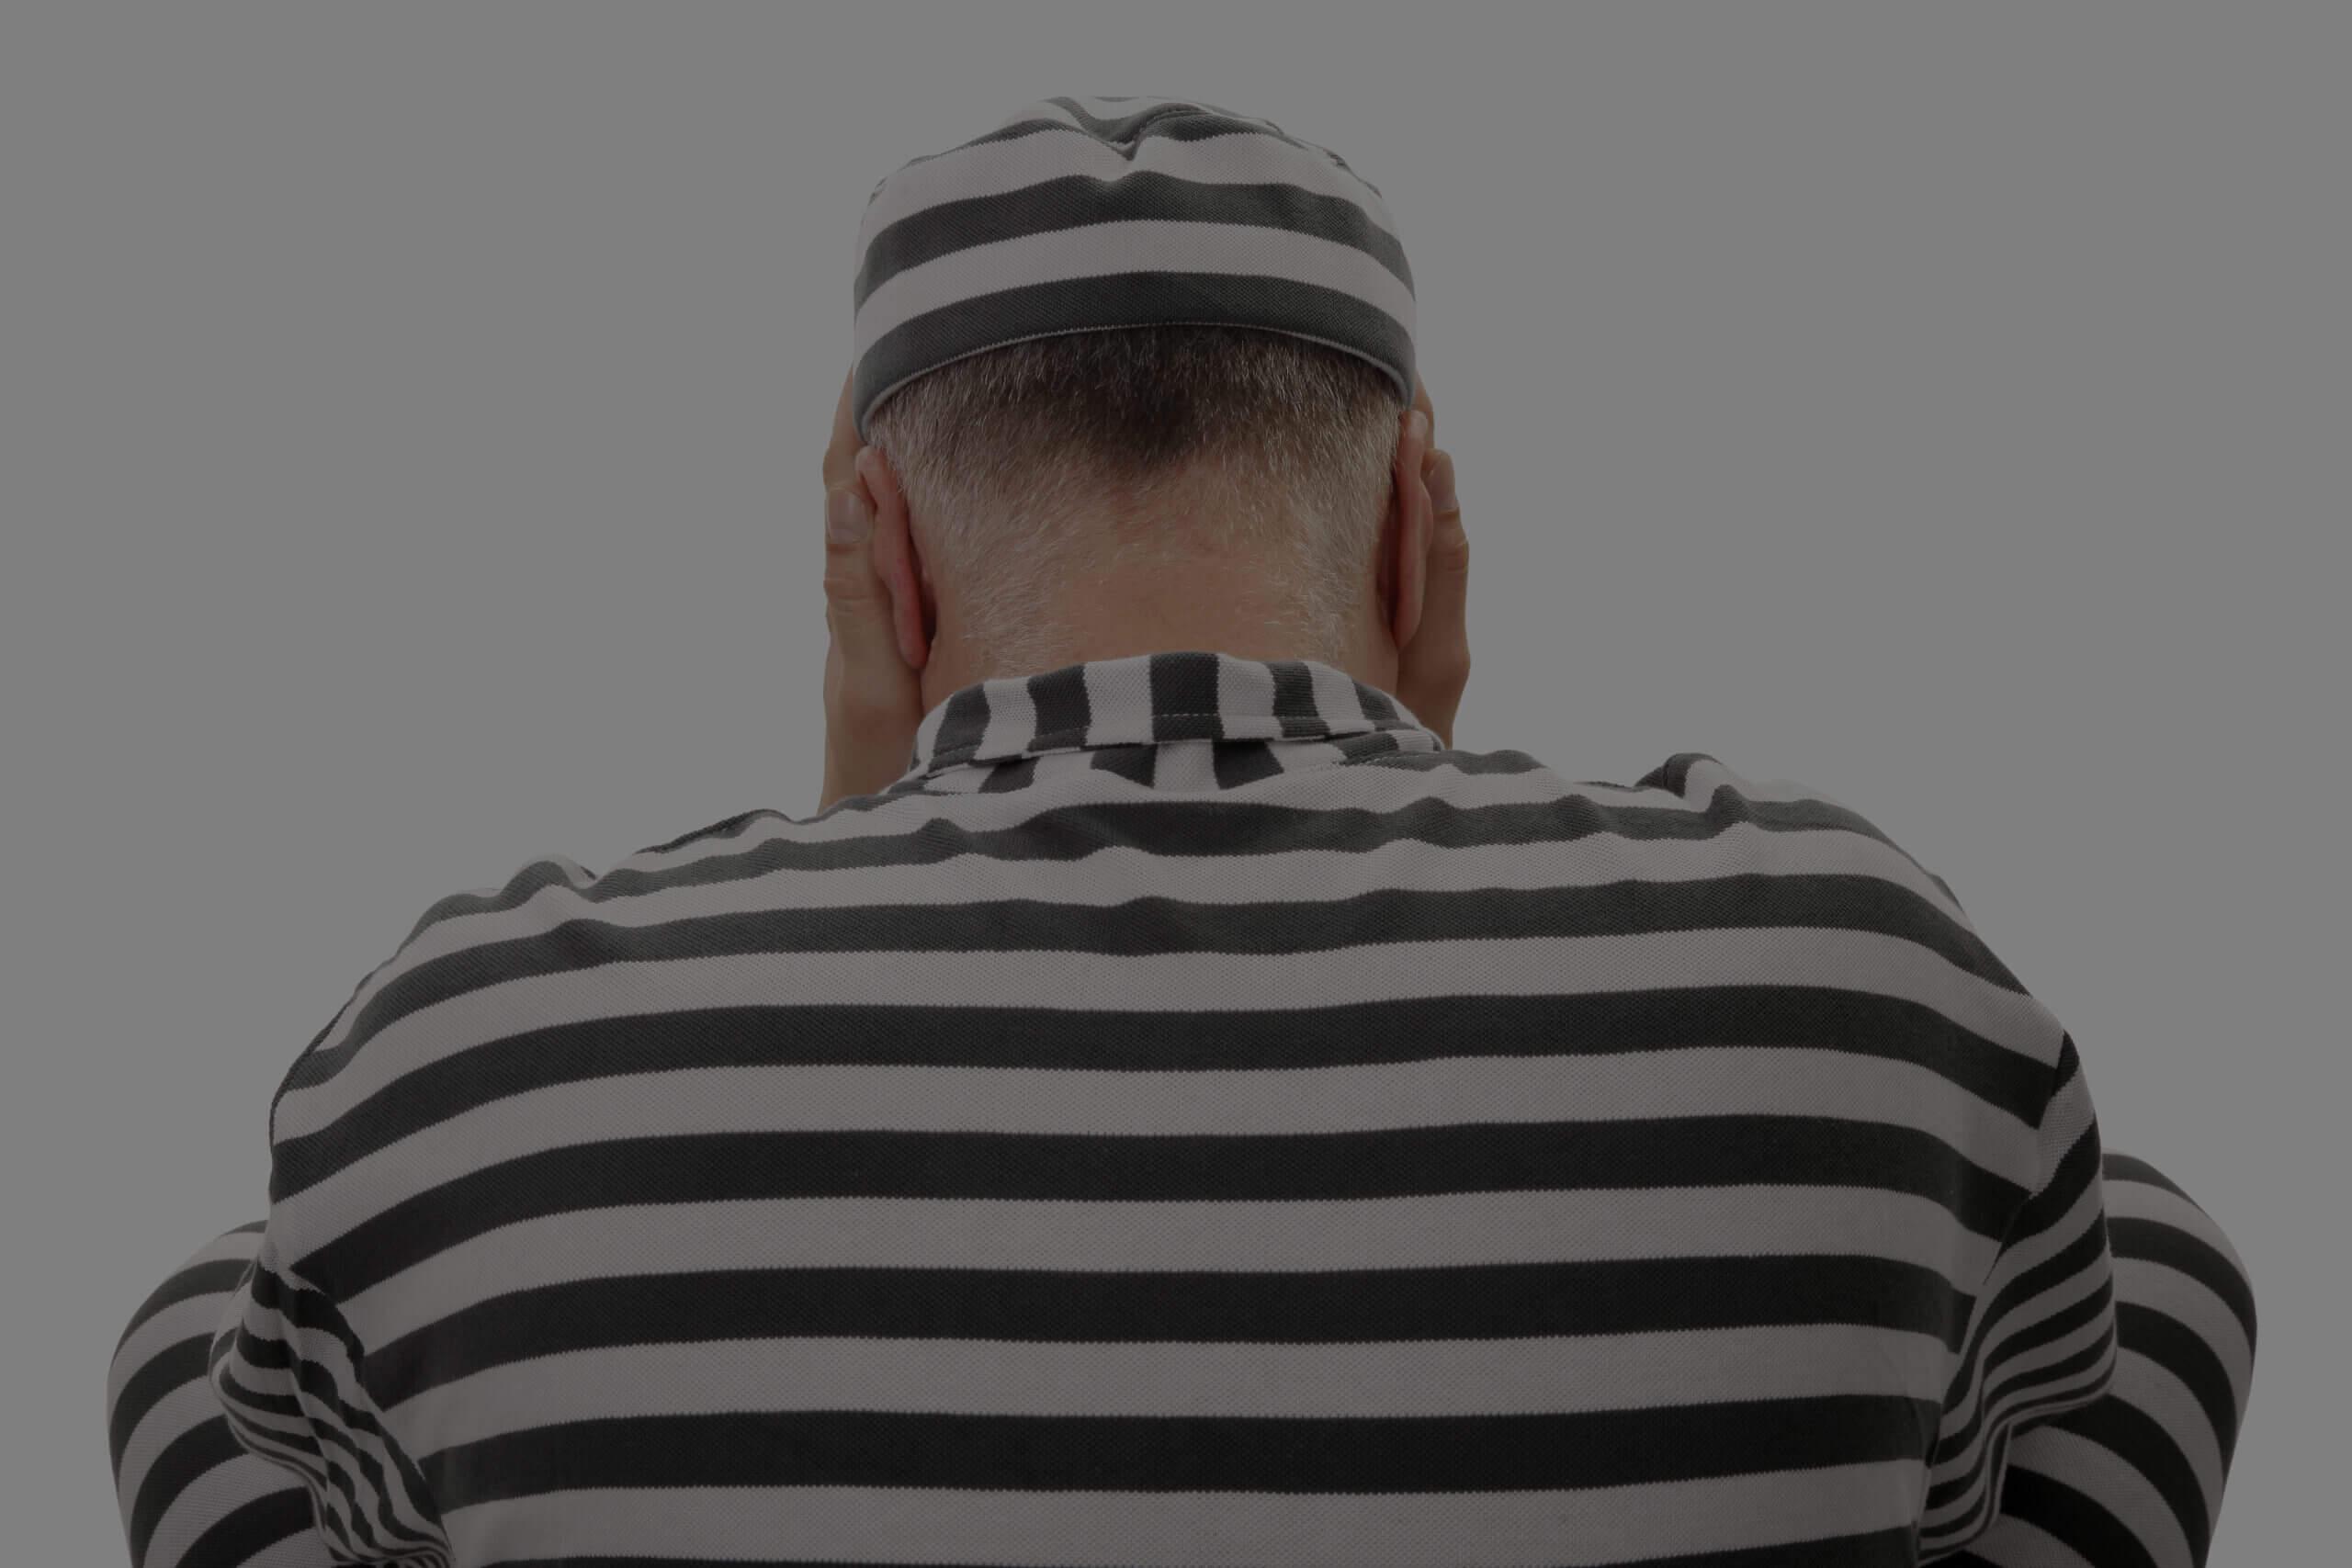 wypiska pieniądze wiezienie areszt żelazną kasa zpozdrowieniem osadzony osadzona